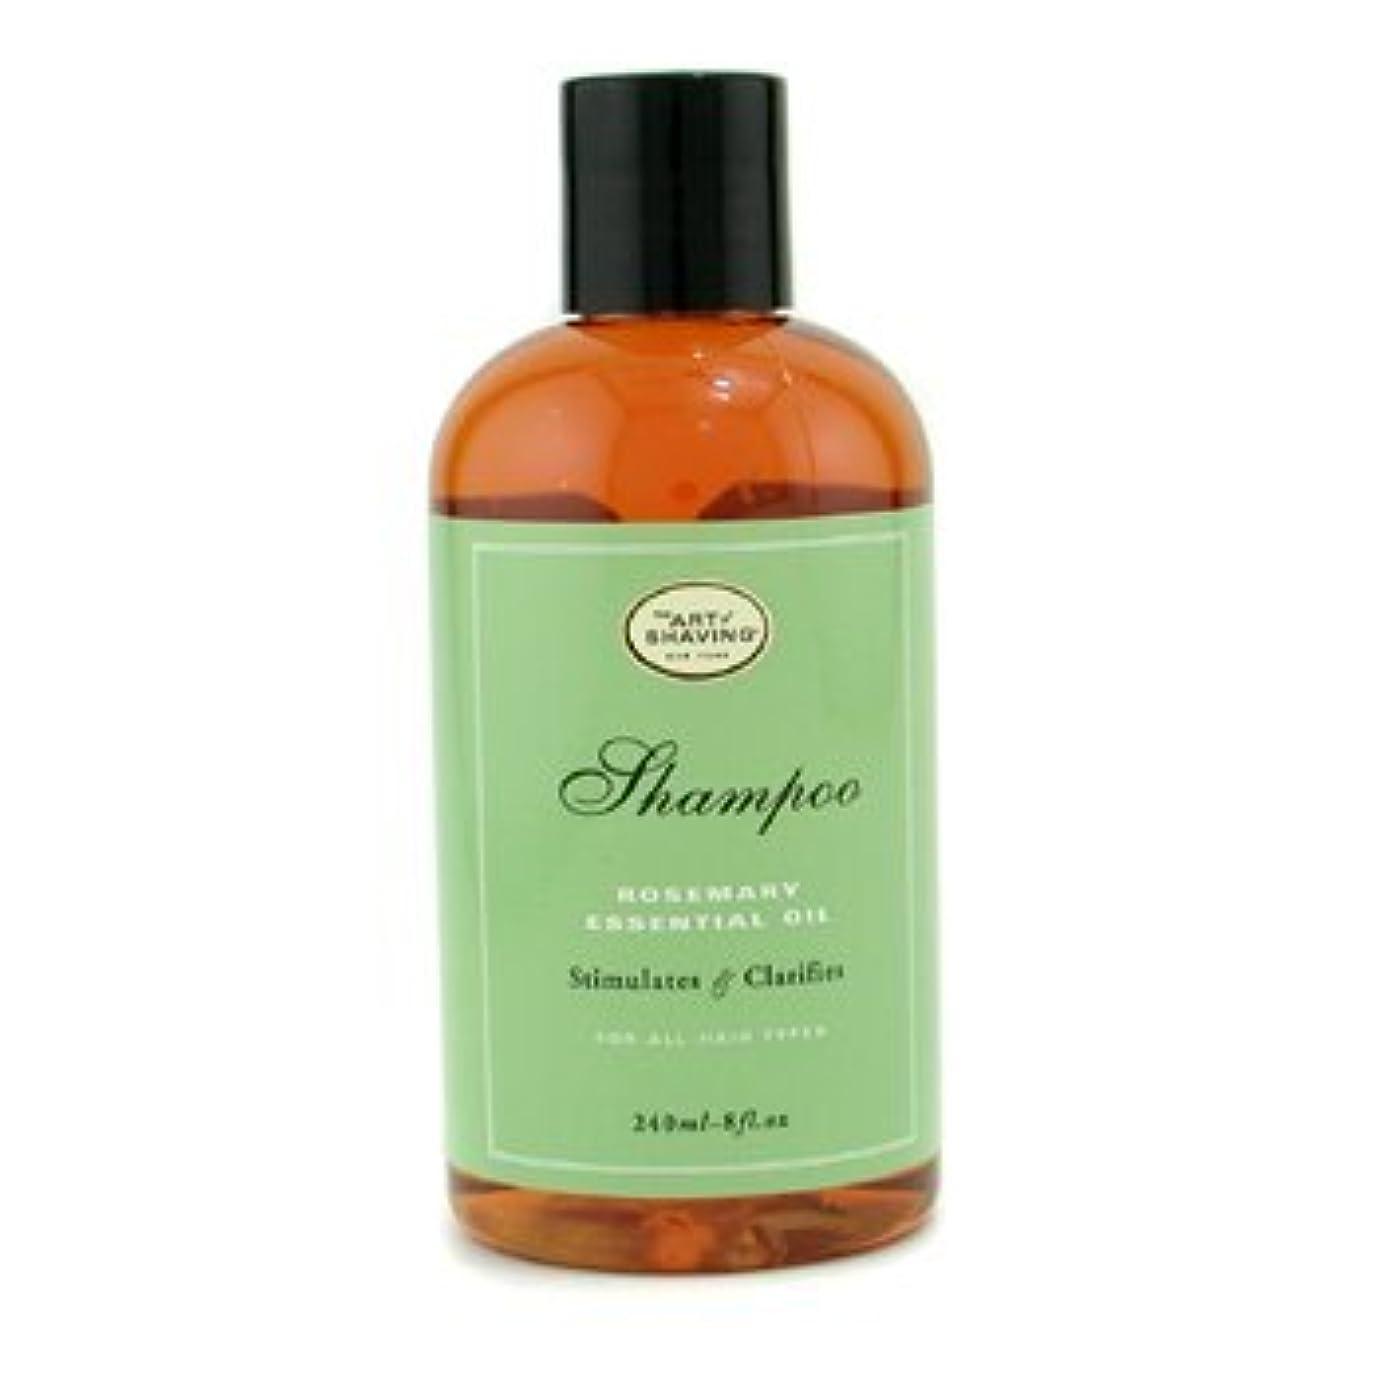 信頼性任命する元気な[The Art Of Shaving] Shampoo - Rosemary Essential Oil ( For All Hair Types ) 240ml/8oz